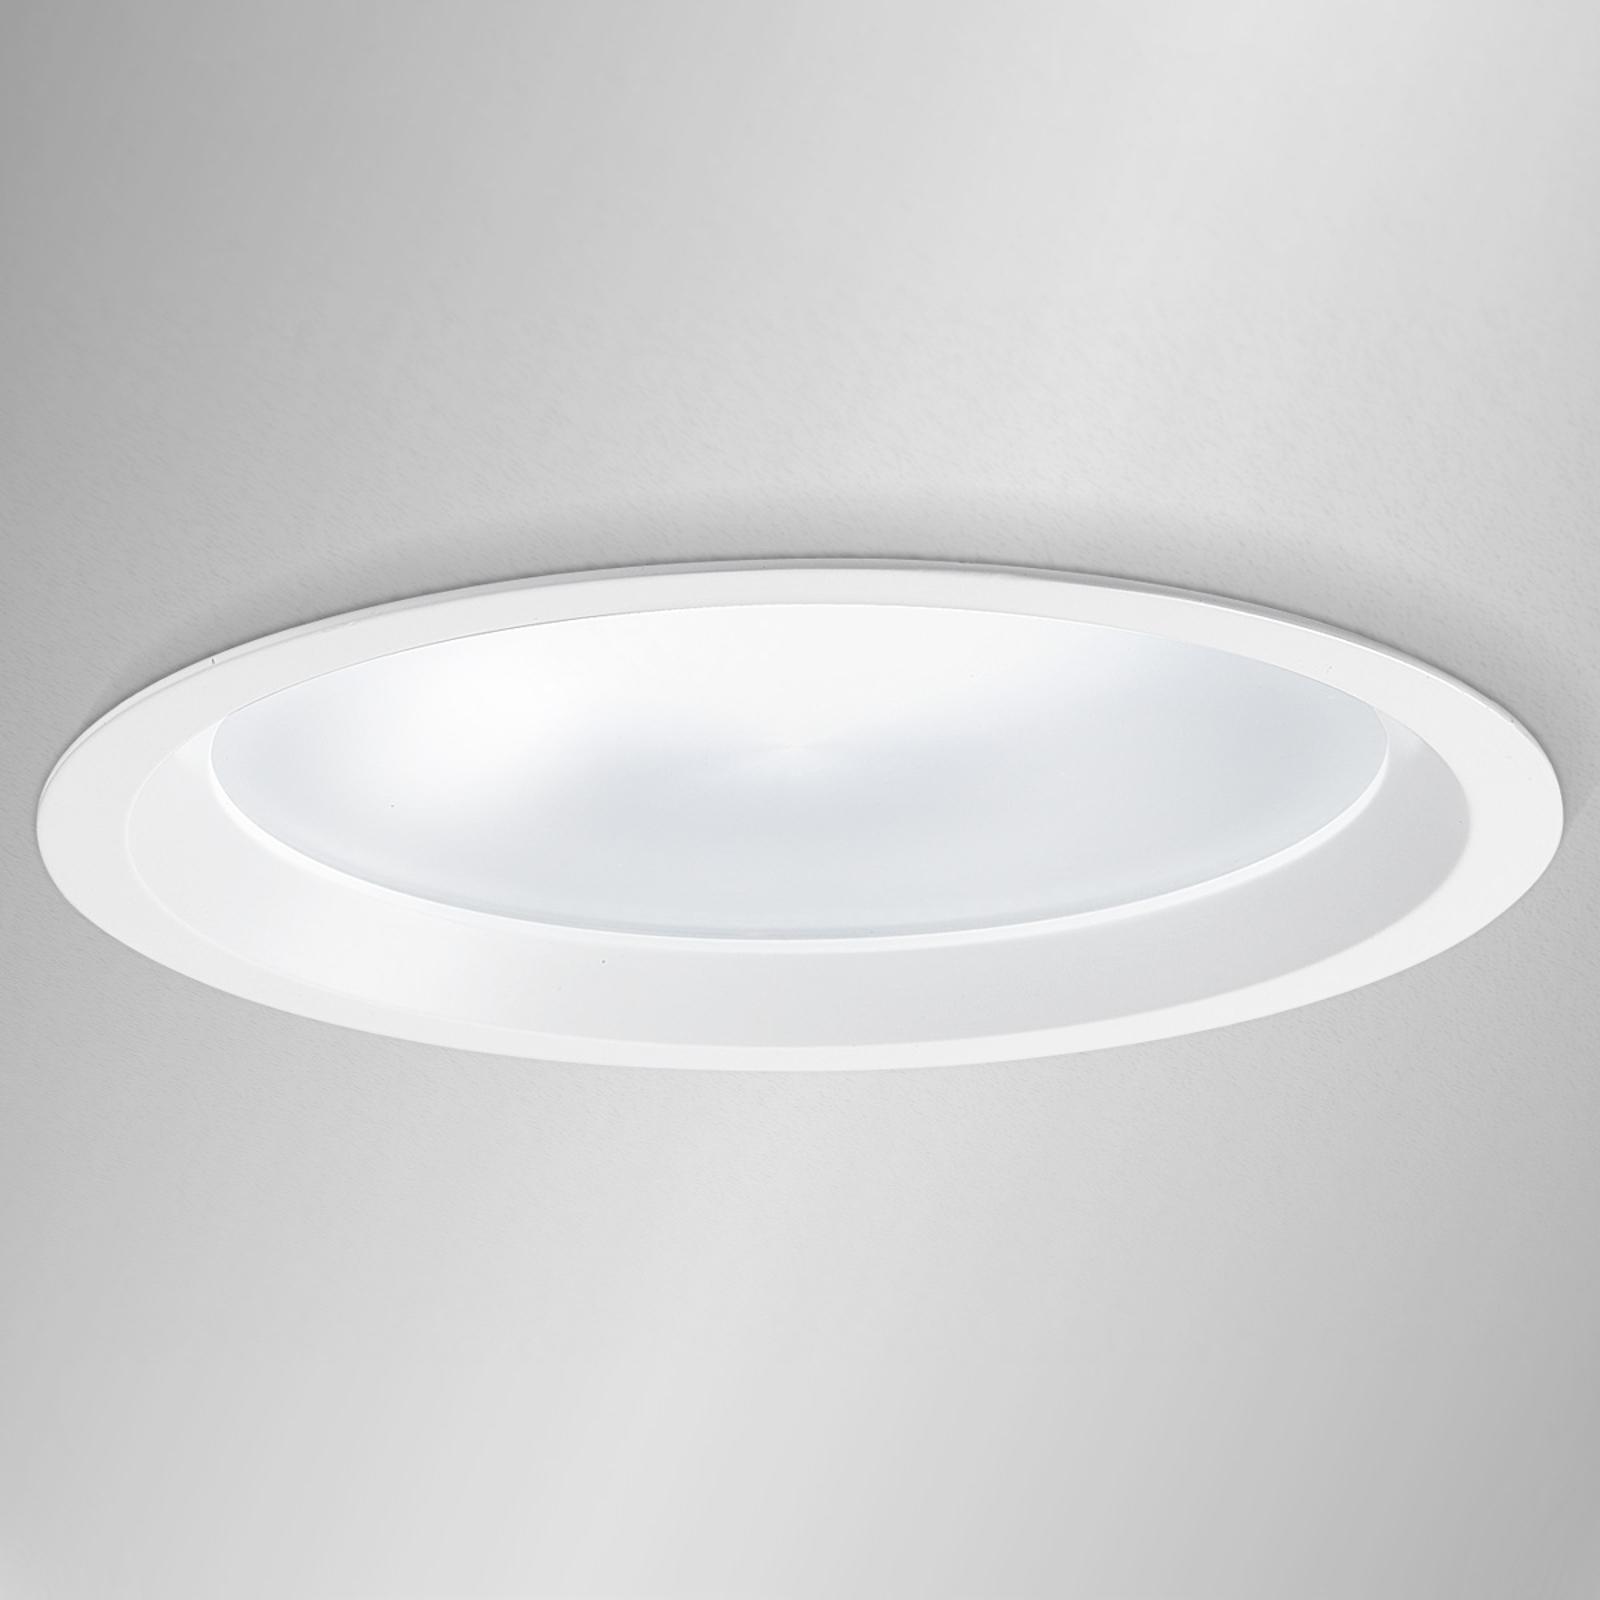 23 cm Durchmesser - LED-Einbaudownlight Strato 230